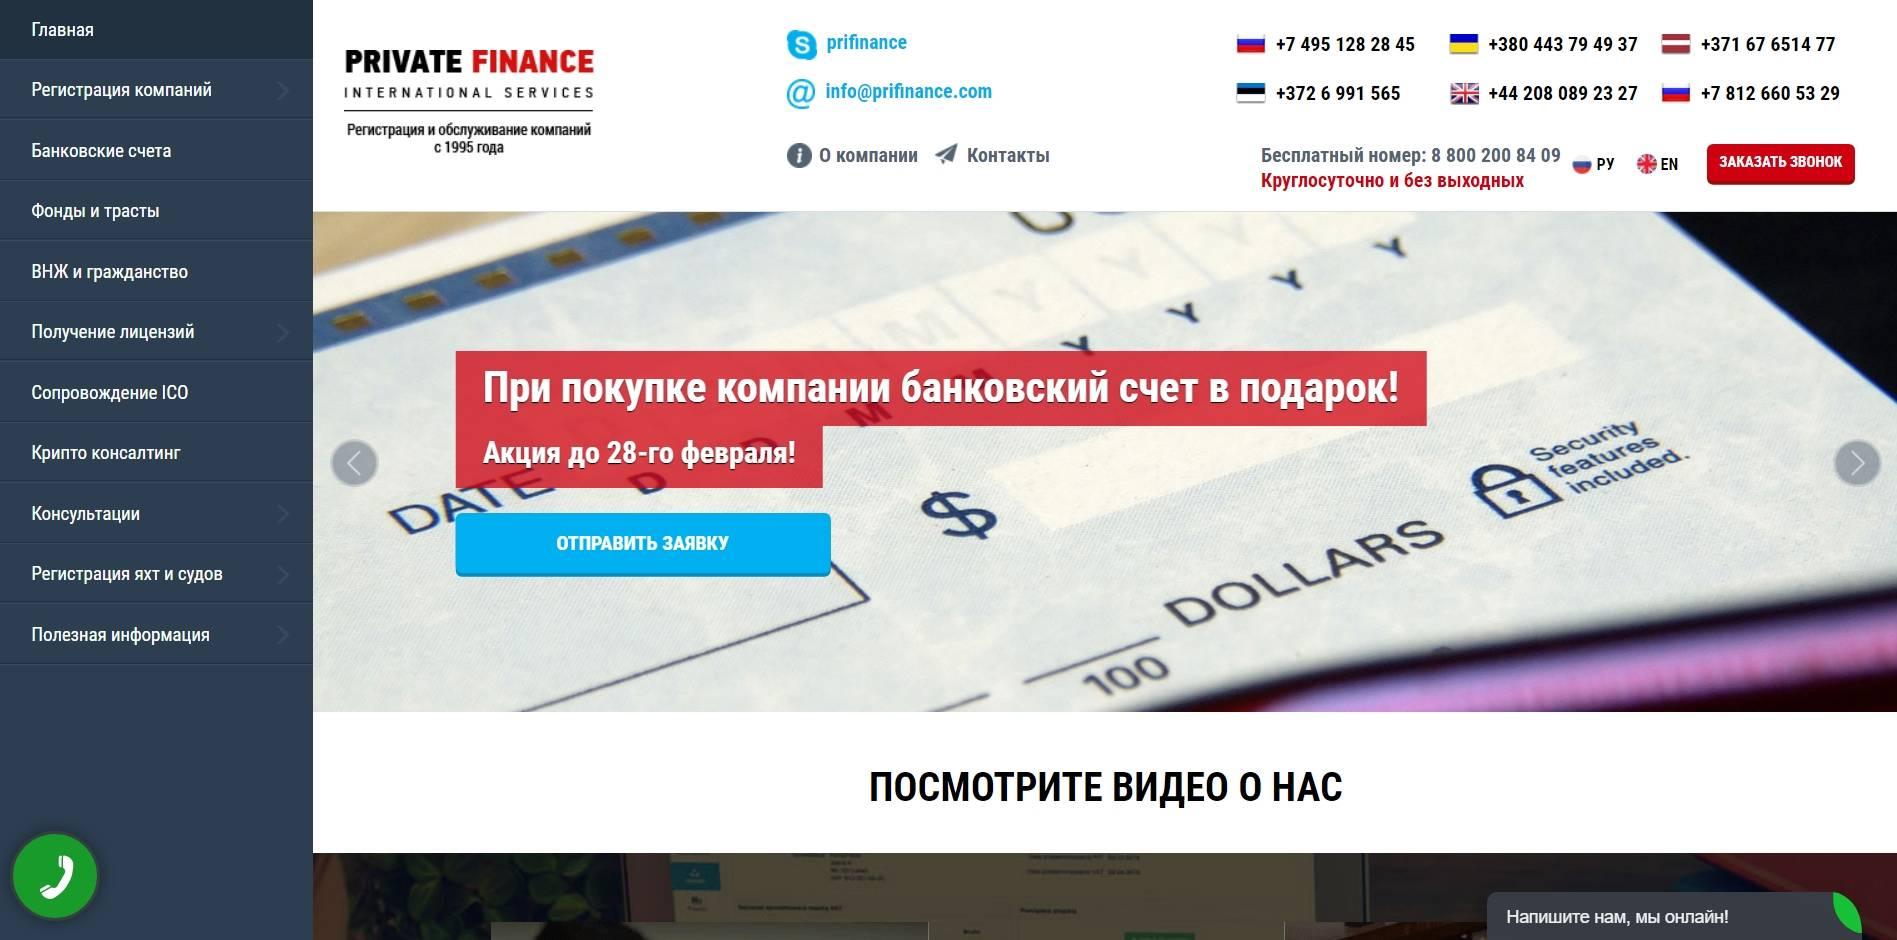 Prifinance